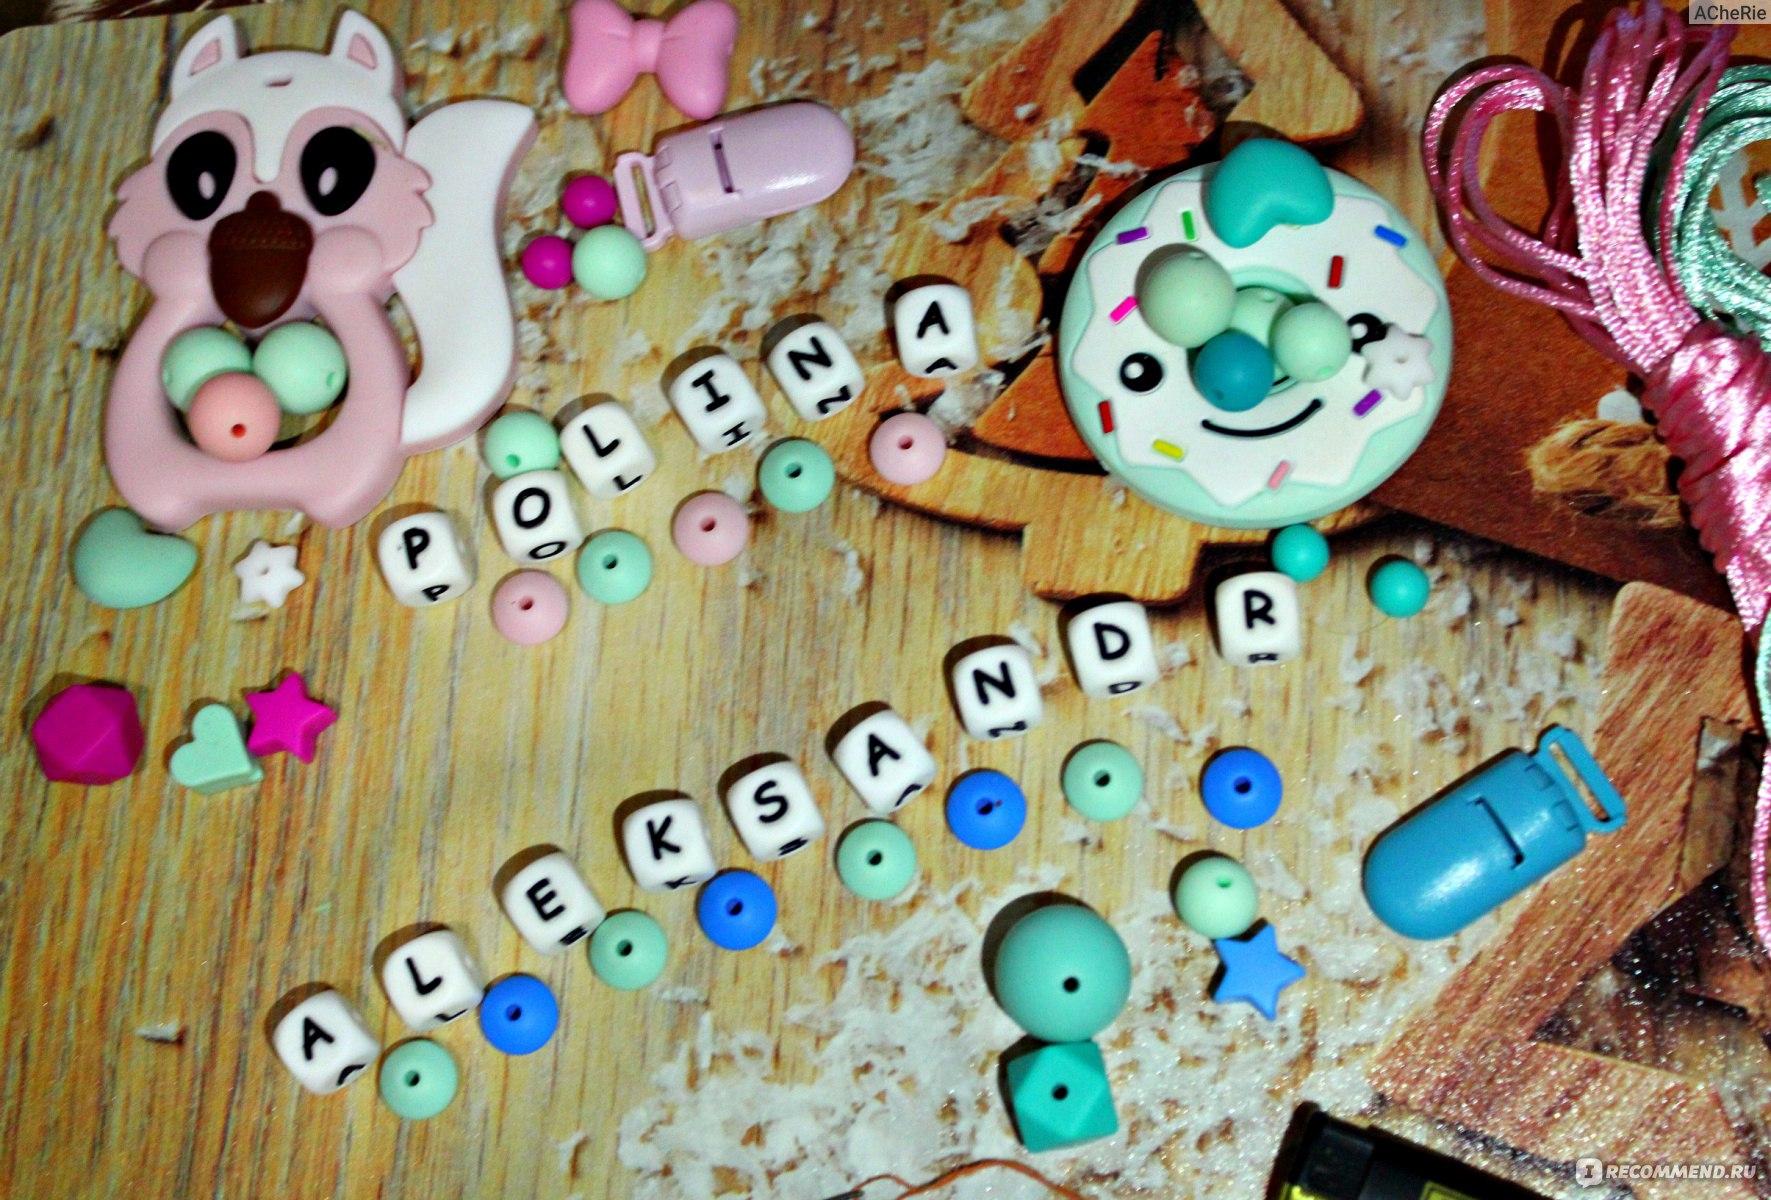 Держатели для игрушек своими руками фото 596